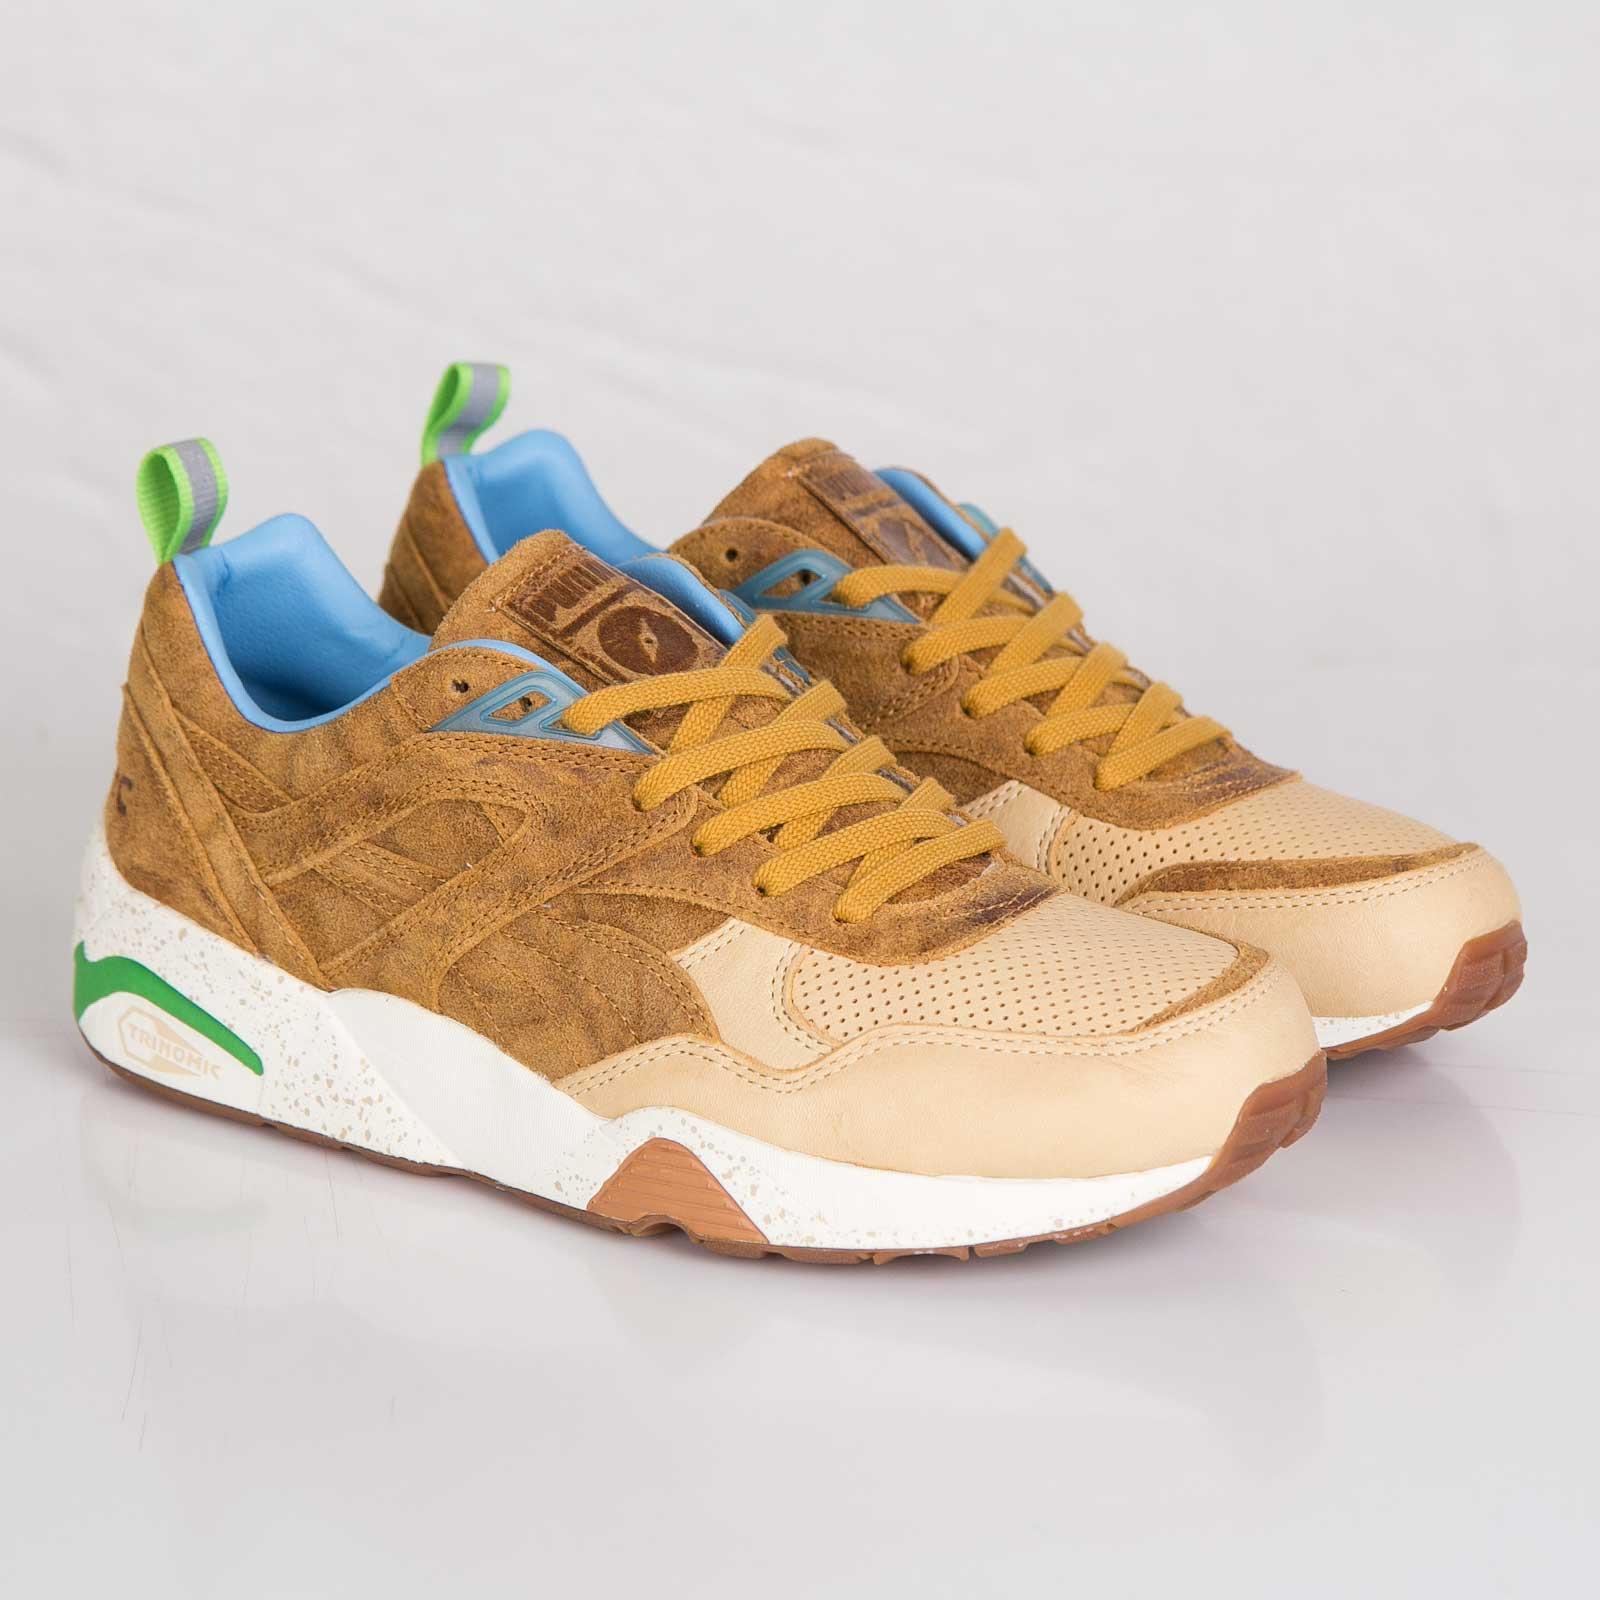 Puma R698 Wilderness 357477 01 Sneakersnstuff | sneakers